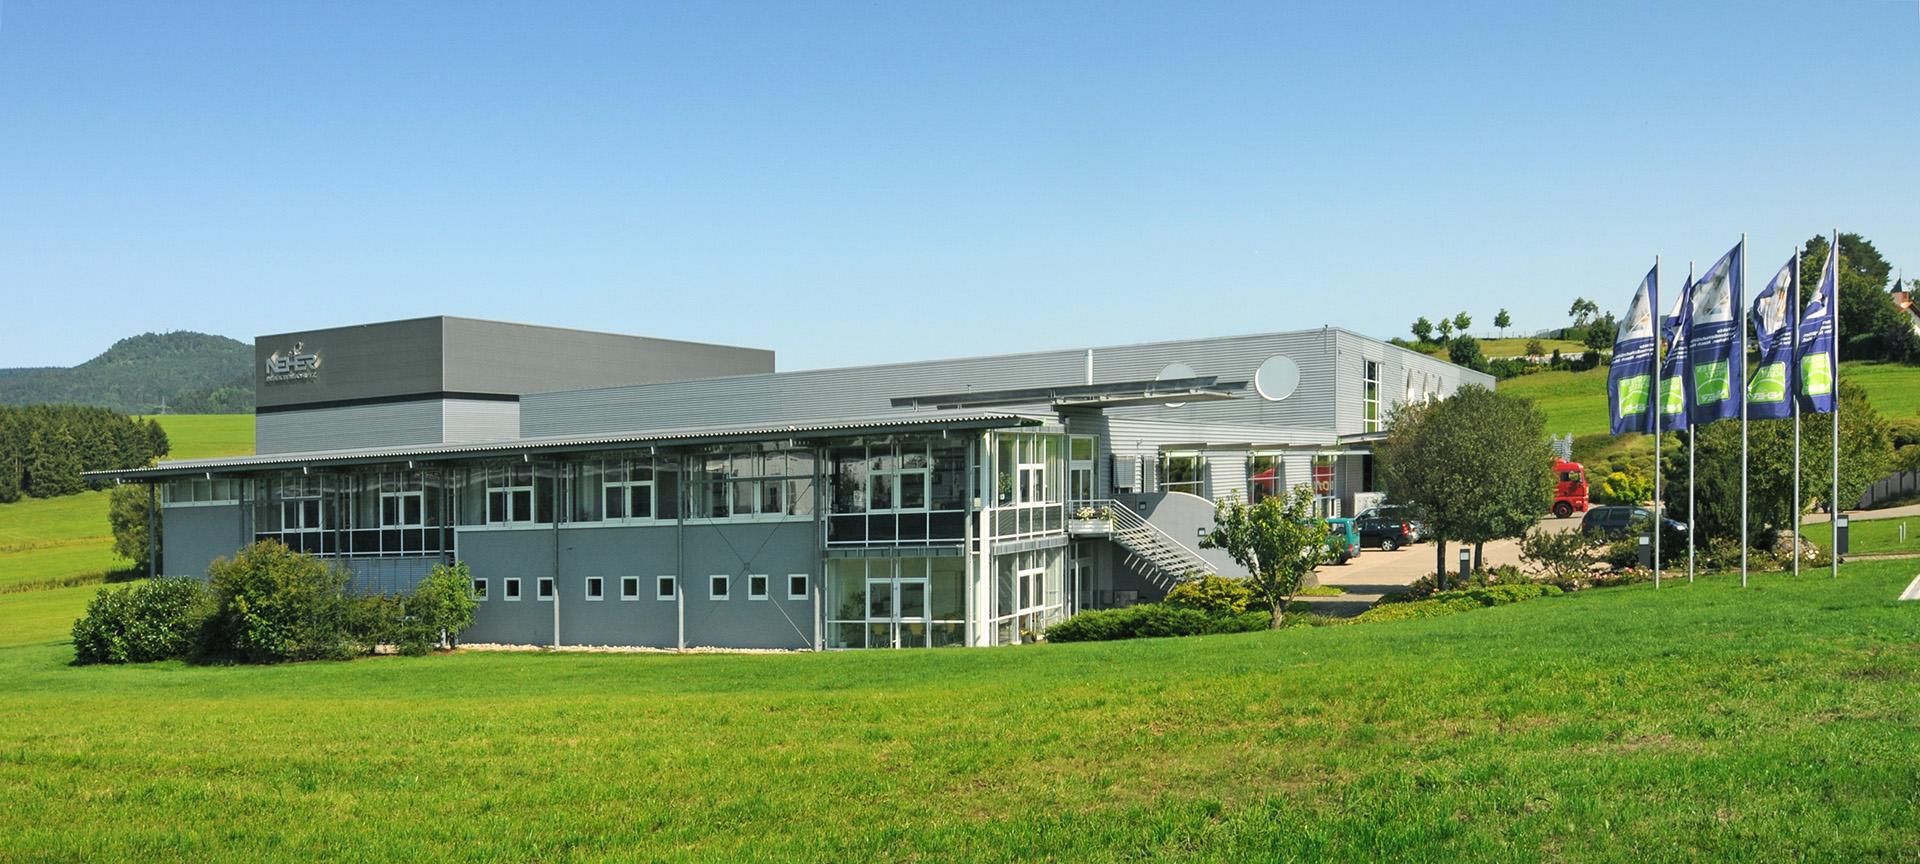 Das Neher Gebäude im Grünen